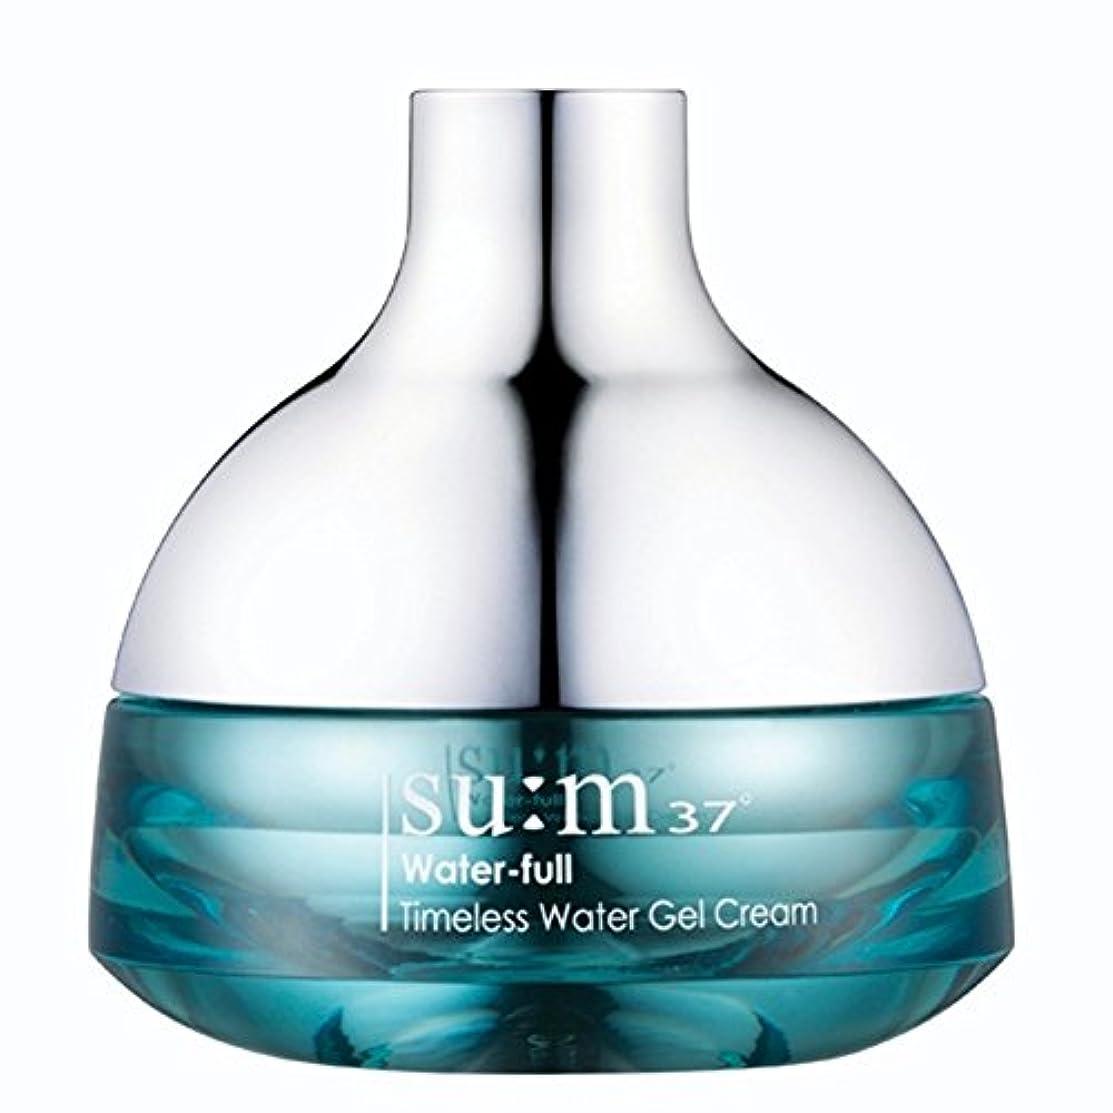 進化不利辞任su:m37/スム37° スム37 ウォーターフルタイムレスウォータージェルクリーム50ml (sum 37ºWater-full Timeless Water Gel Cream 50ml + Special Gift...